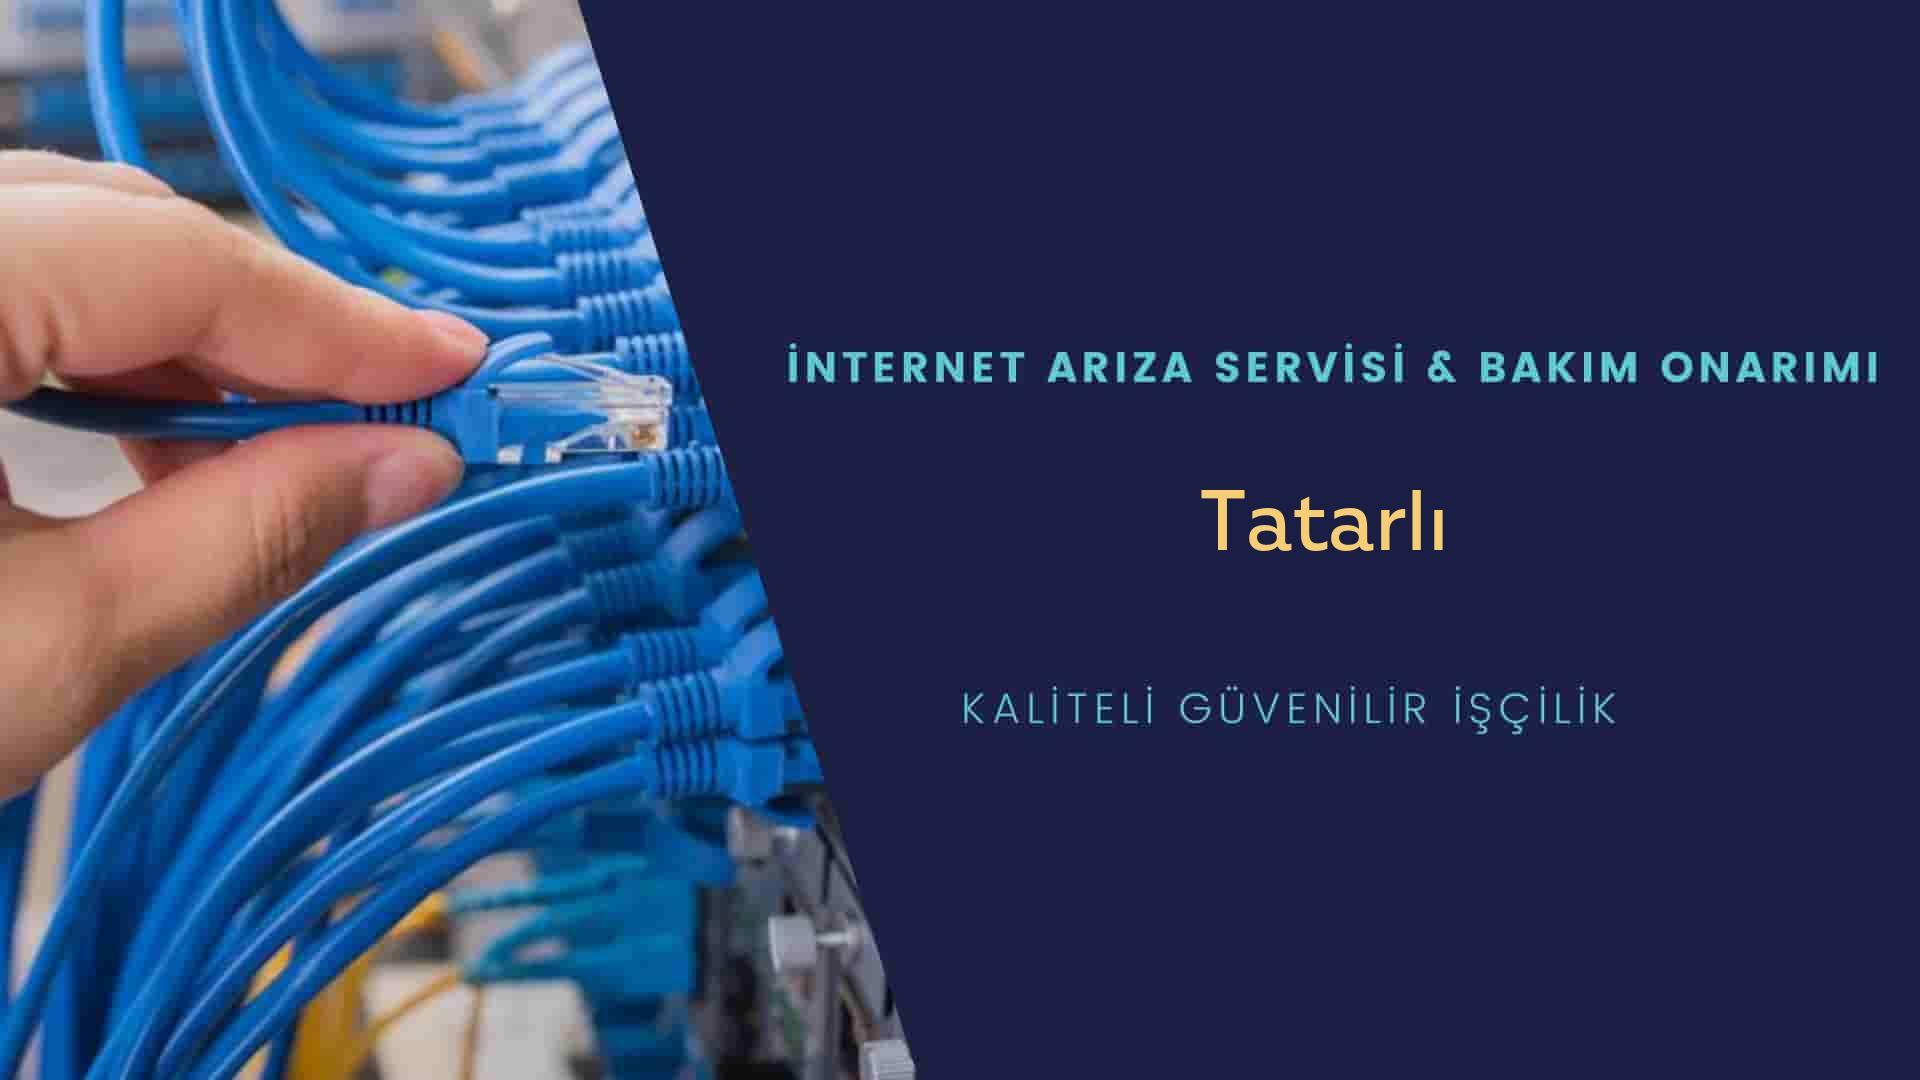 Tatarlı internet kablosu çekimi yapan yerler veya elektrikçiler mi? arıyorsunuz doğru yerdesiniz o zaman sizlere 7/24 yardımcı olacak profesyonel ustalarımız bir telefon kadar yakındır size.